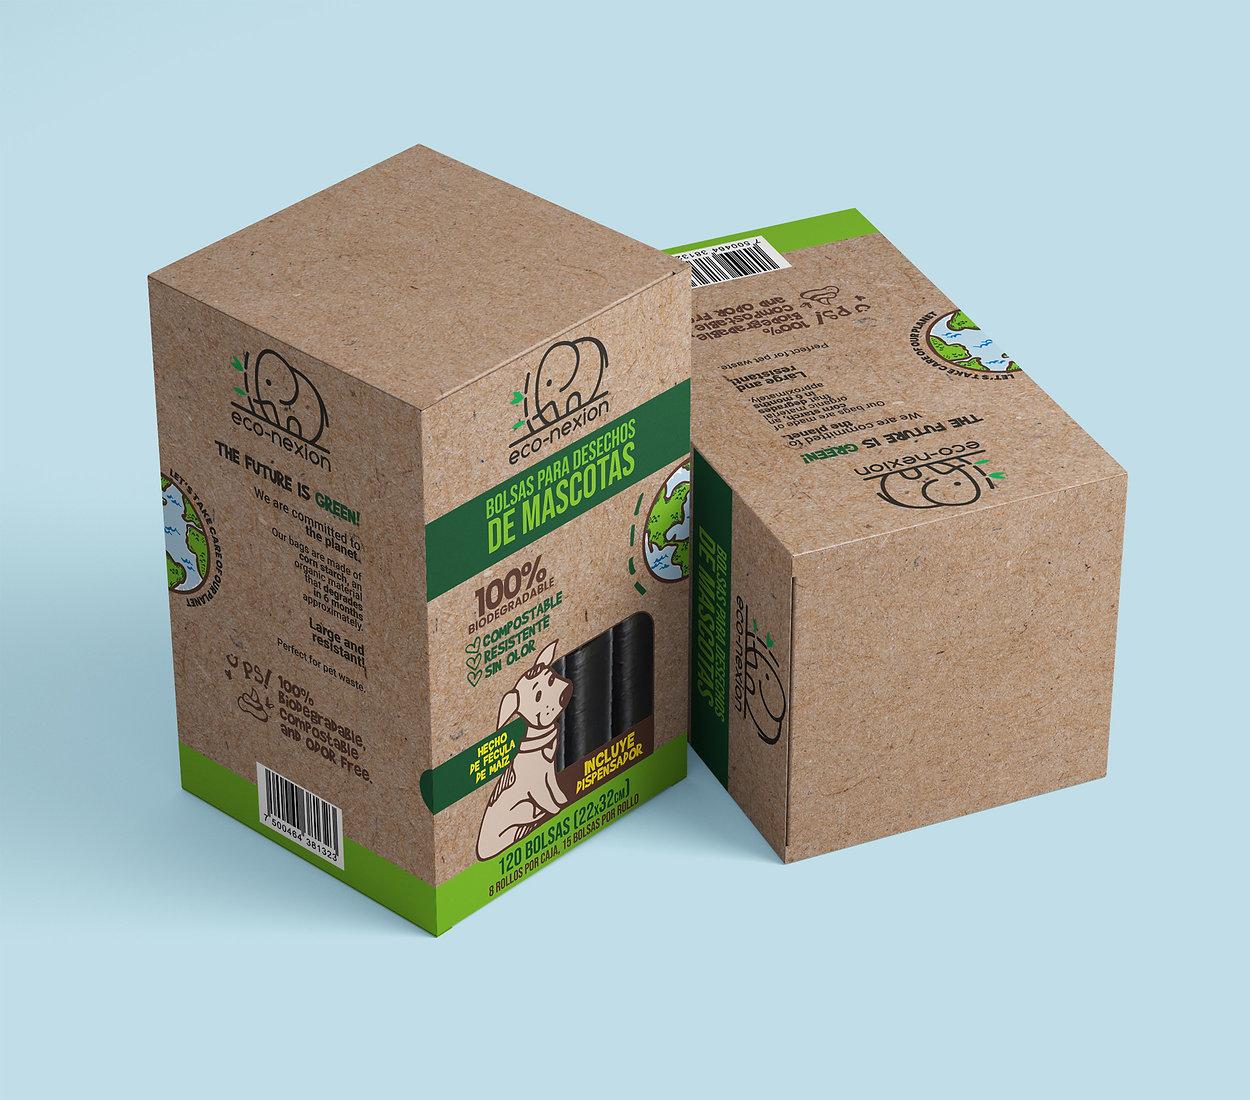 Diseño Web y Diseño de empaque para la marca econexion. Productos ecológicos Biodegradables. Diseño Web en Monterrey, Diseño de Empaque en Monterrey, Diseño de Paginas Webs en Mexico, Diseño de Empaque en Mexico.